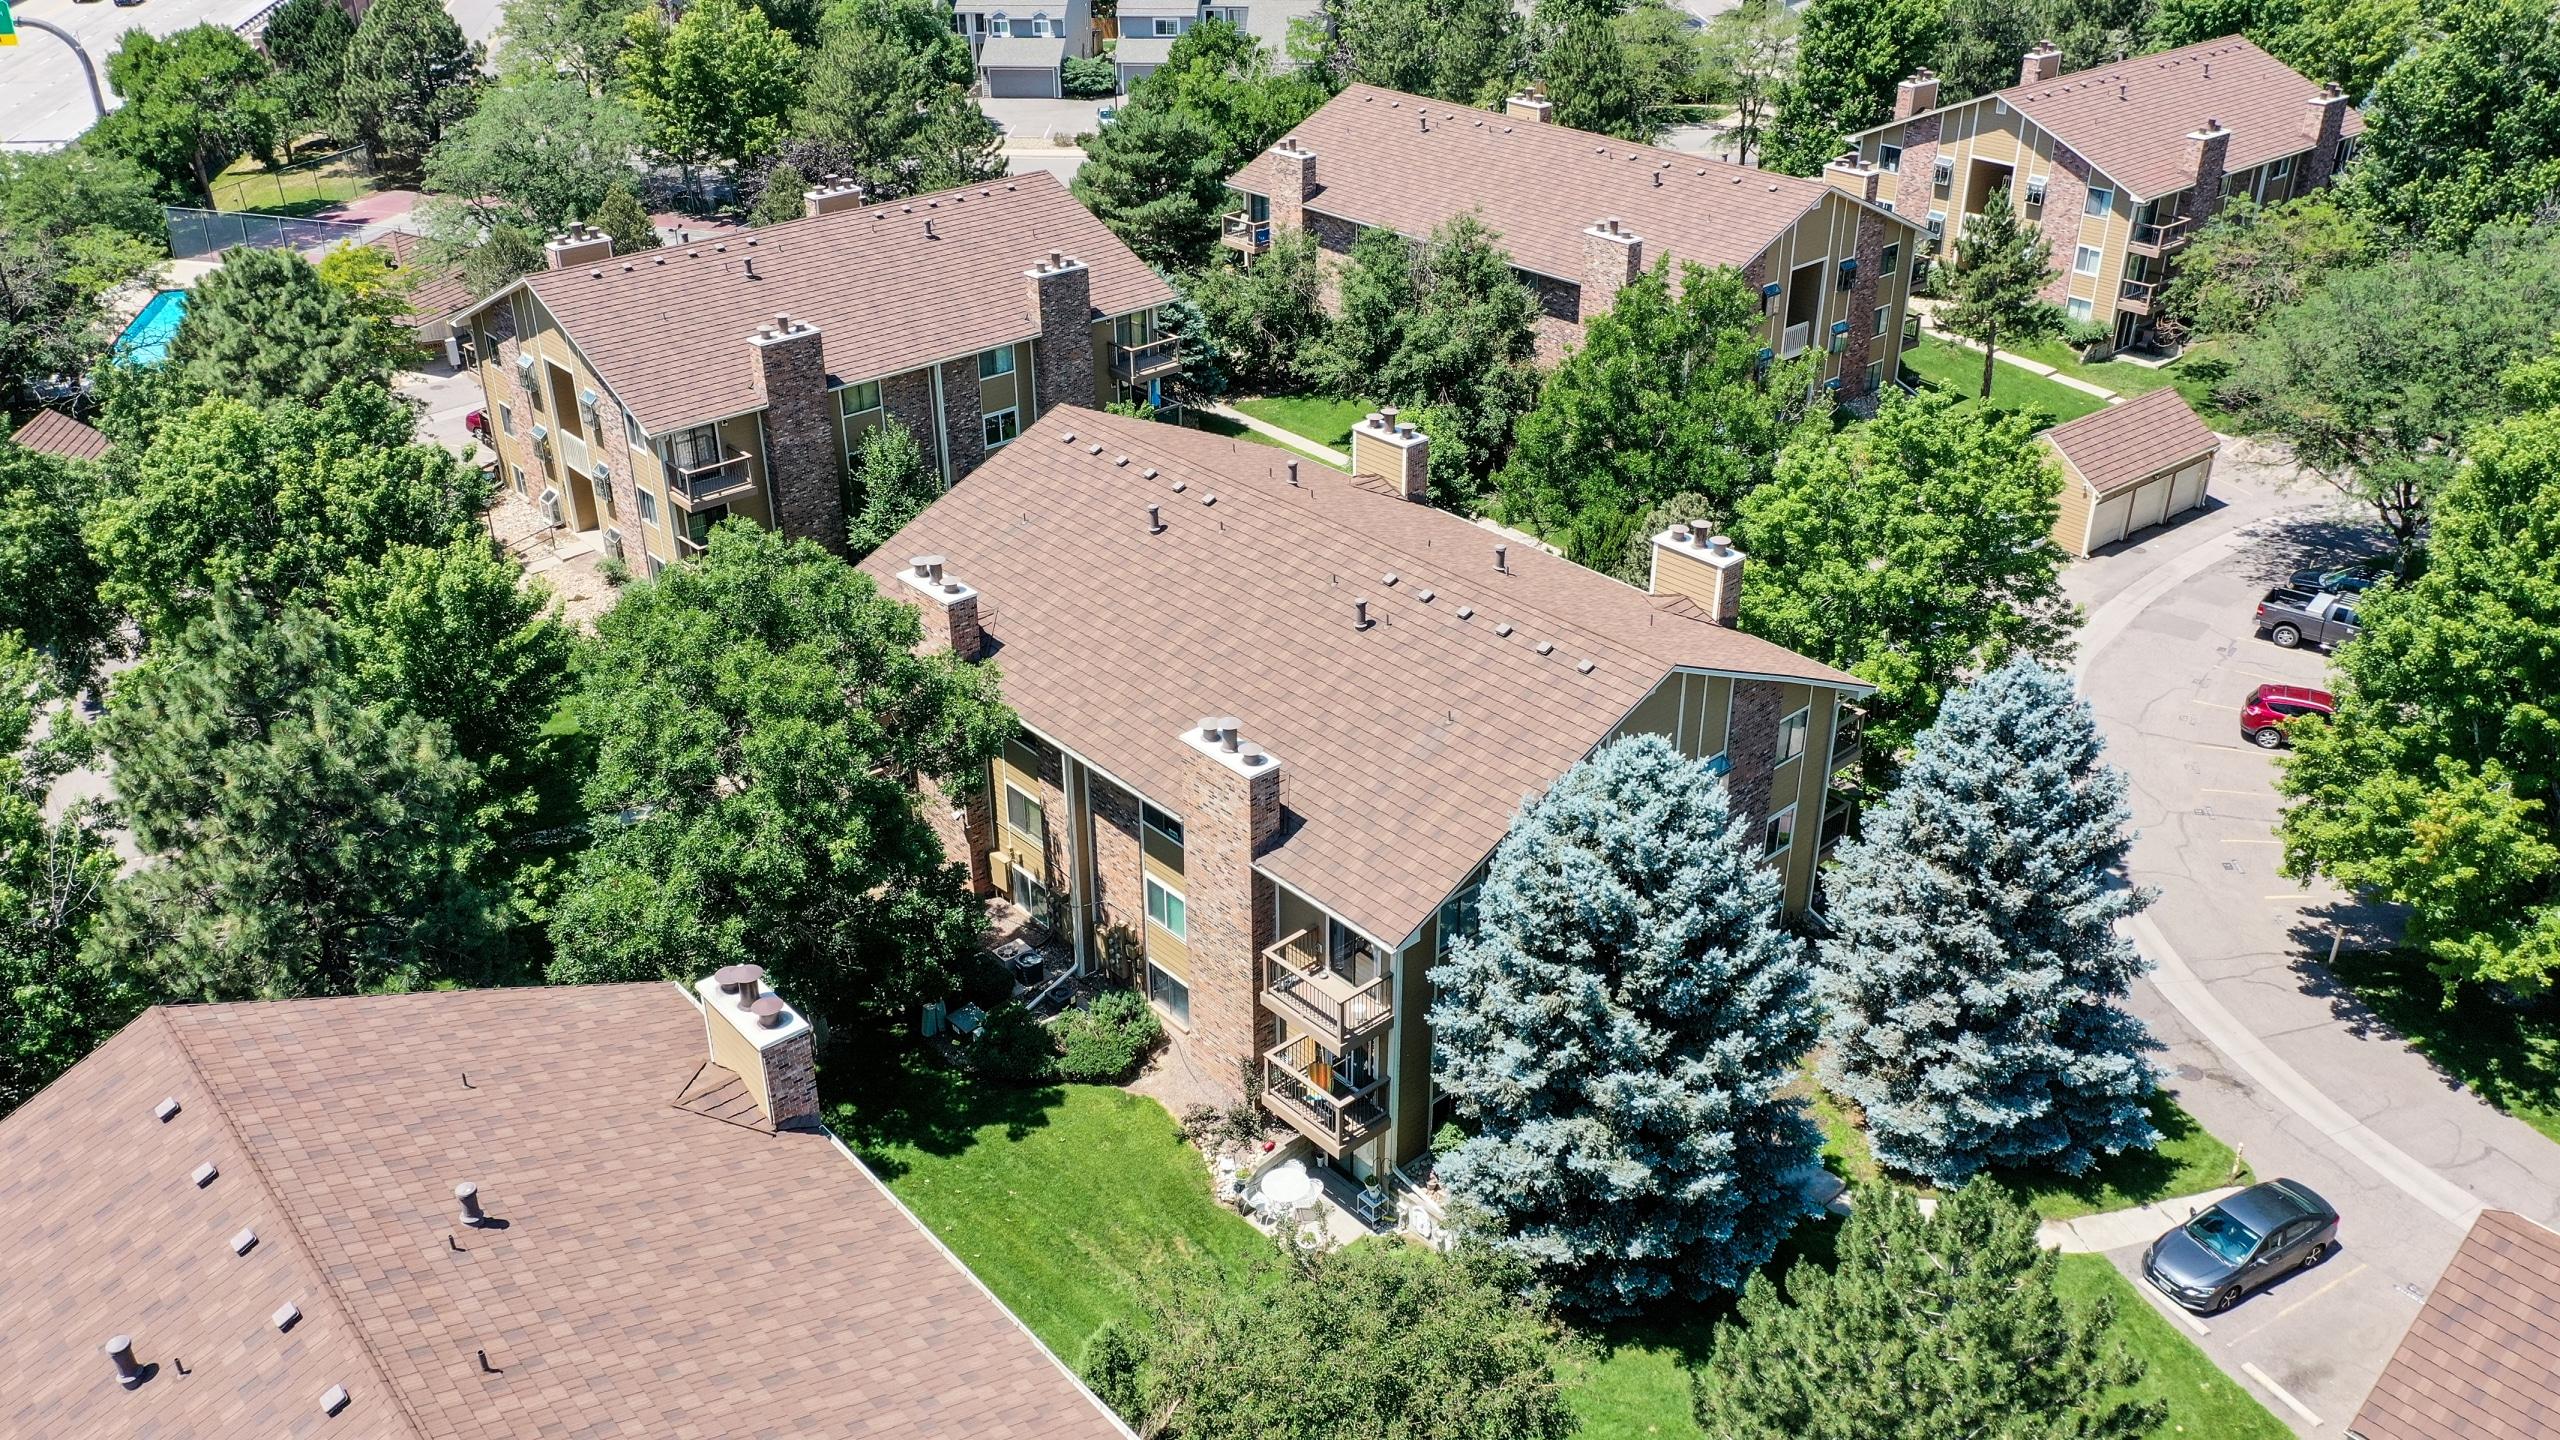 Drone View of Condo Building in Aurora, CO